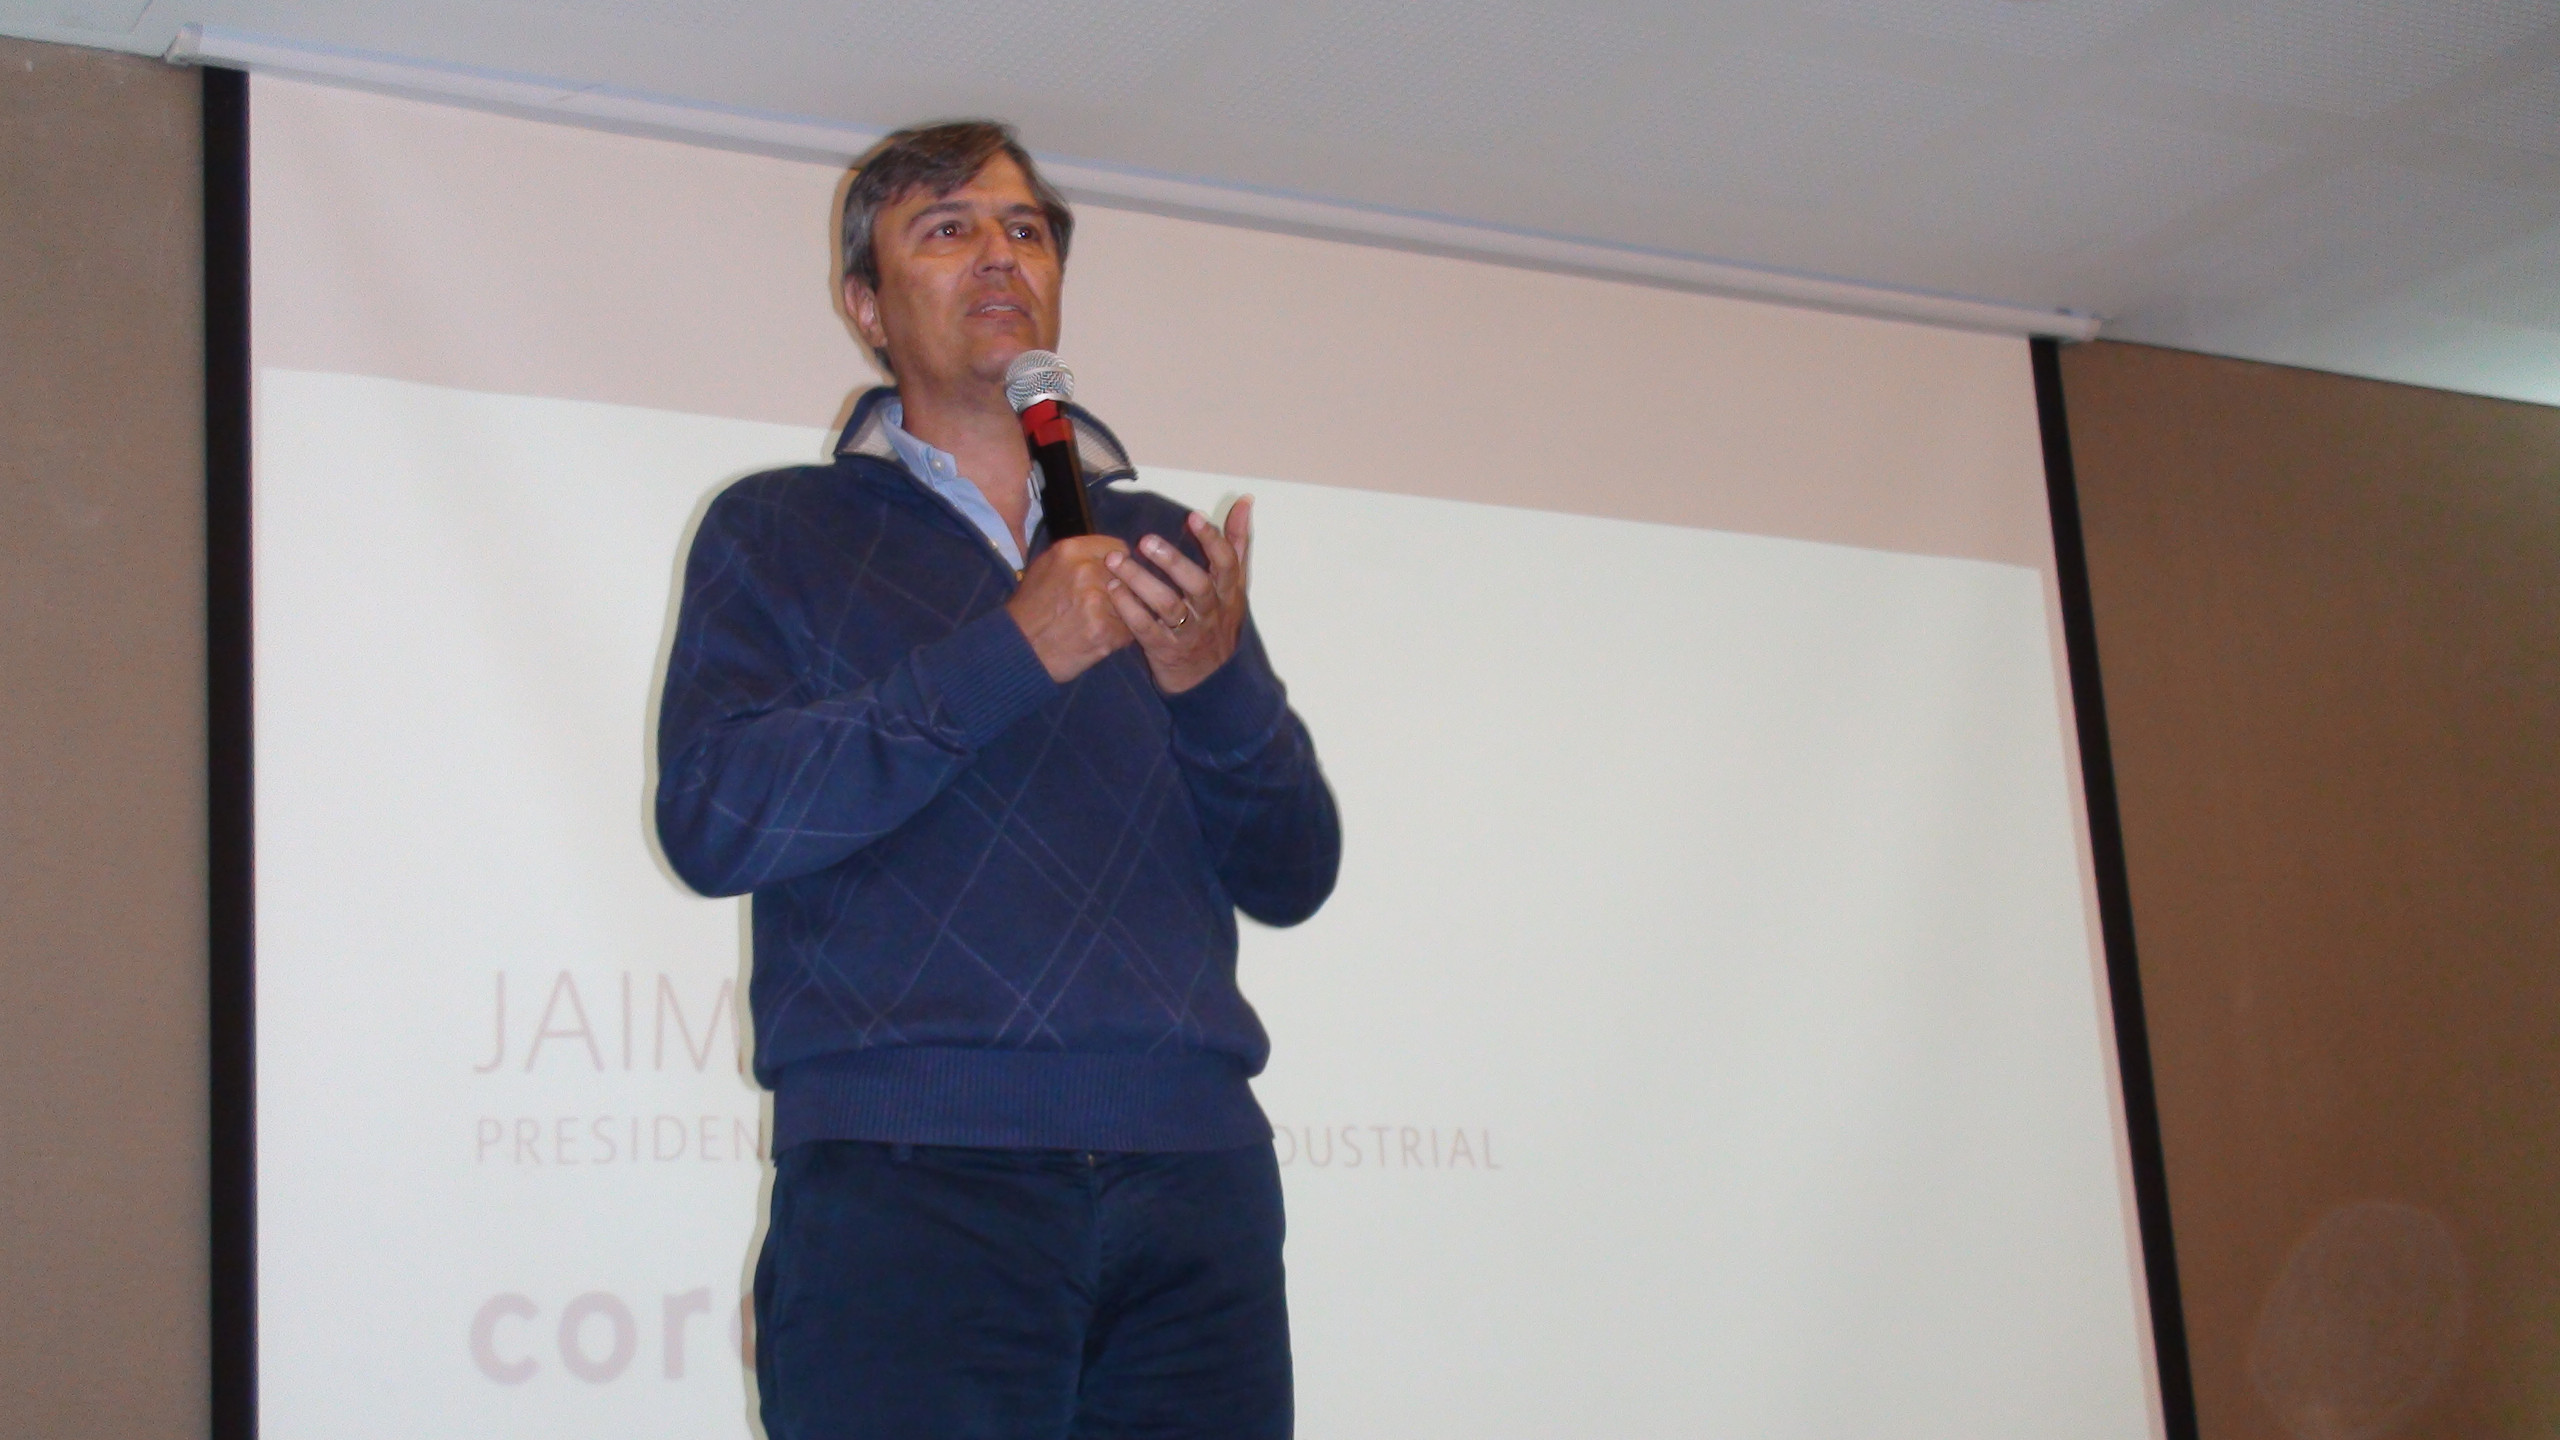 Jaime Ángel, Presidente de Corona Industrial, da unas palabras explicando la importancia de la Aceleradora dentro de Corona